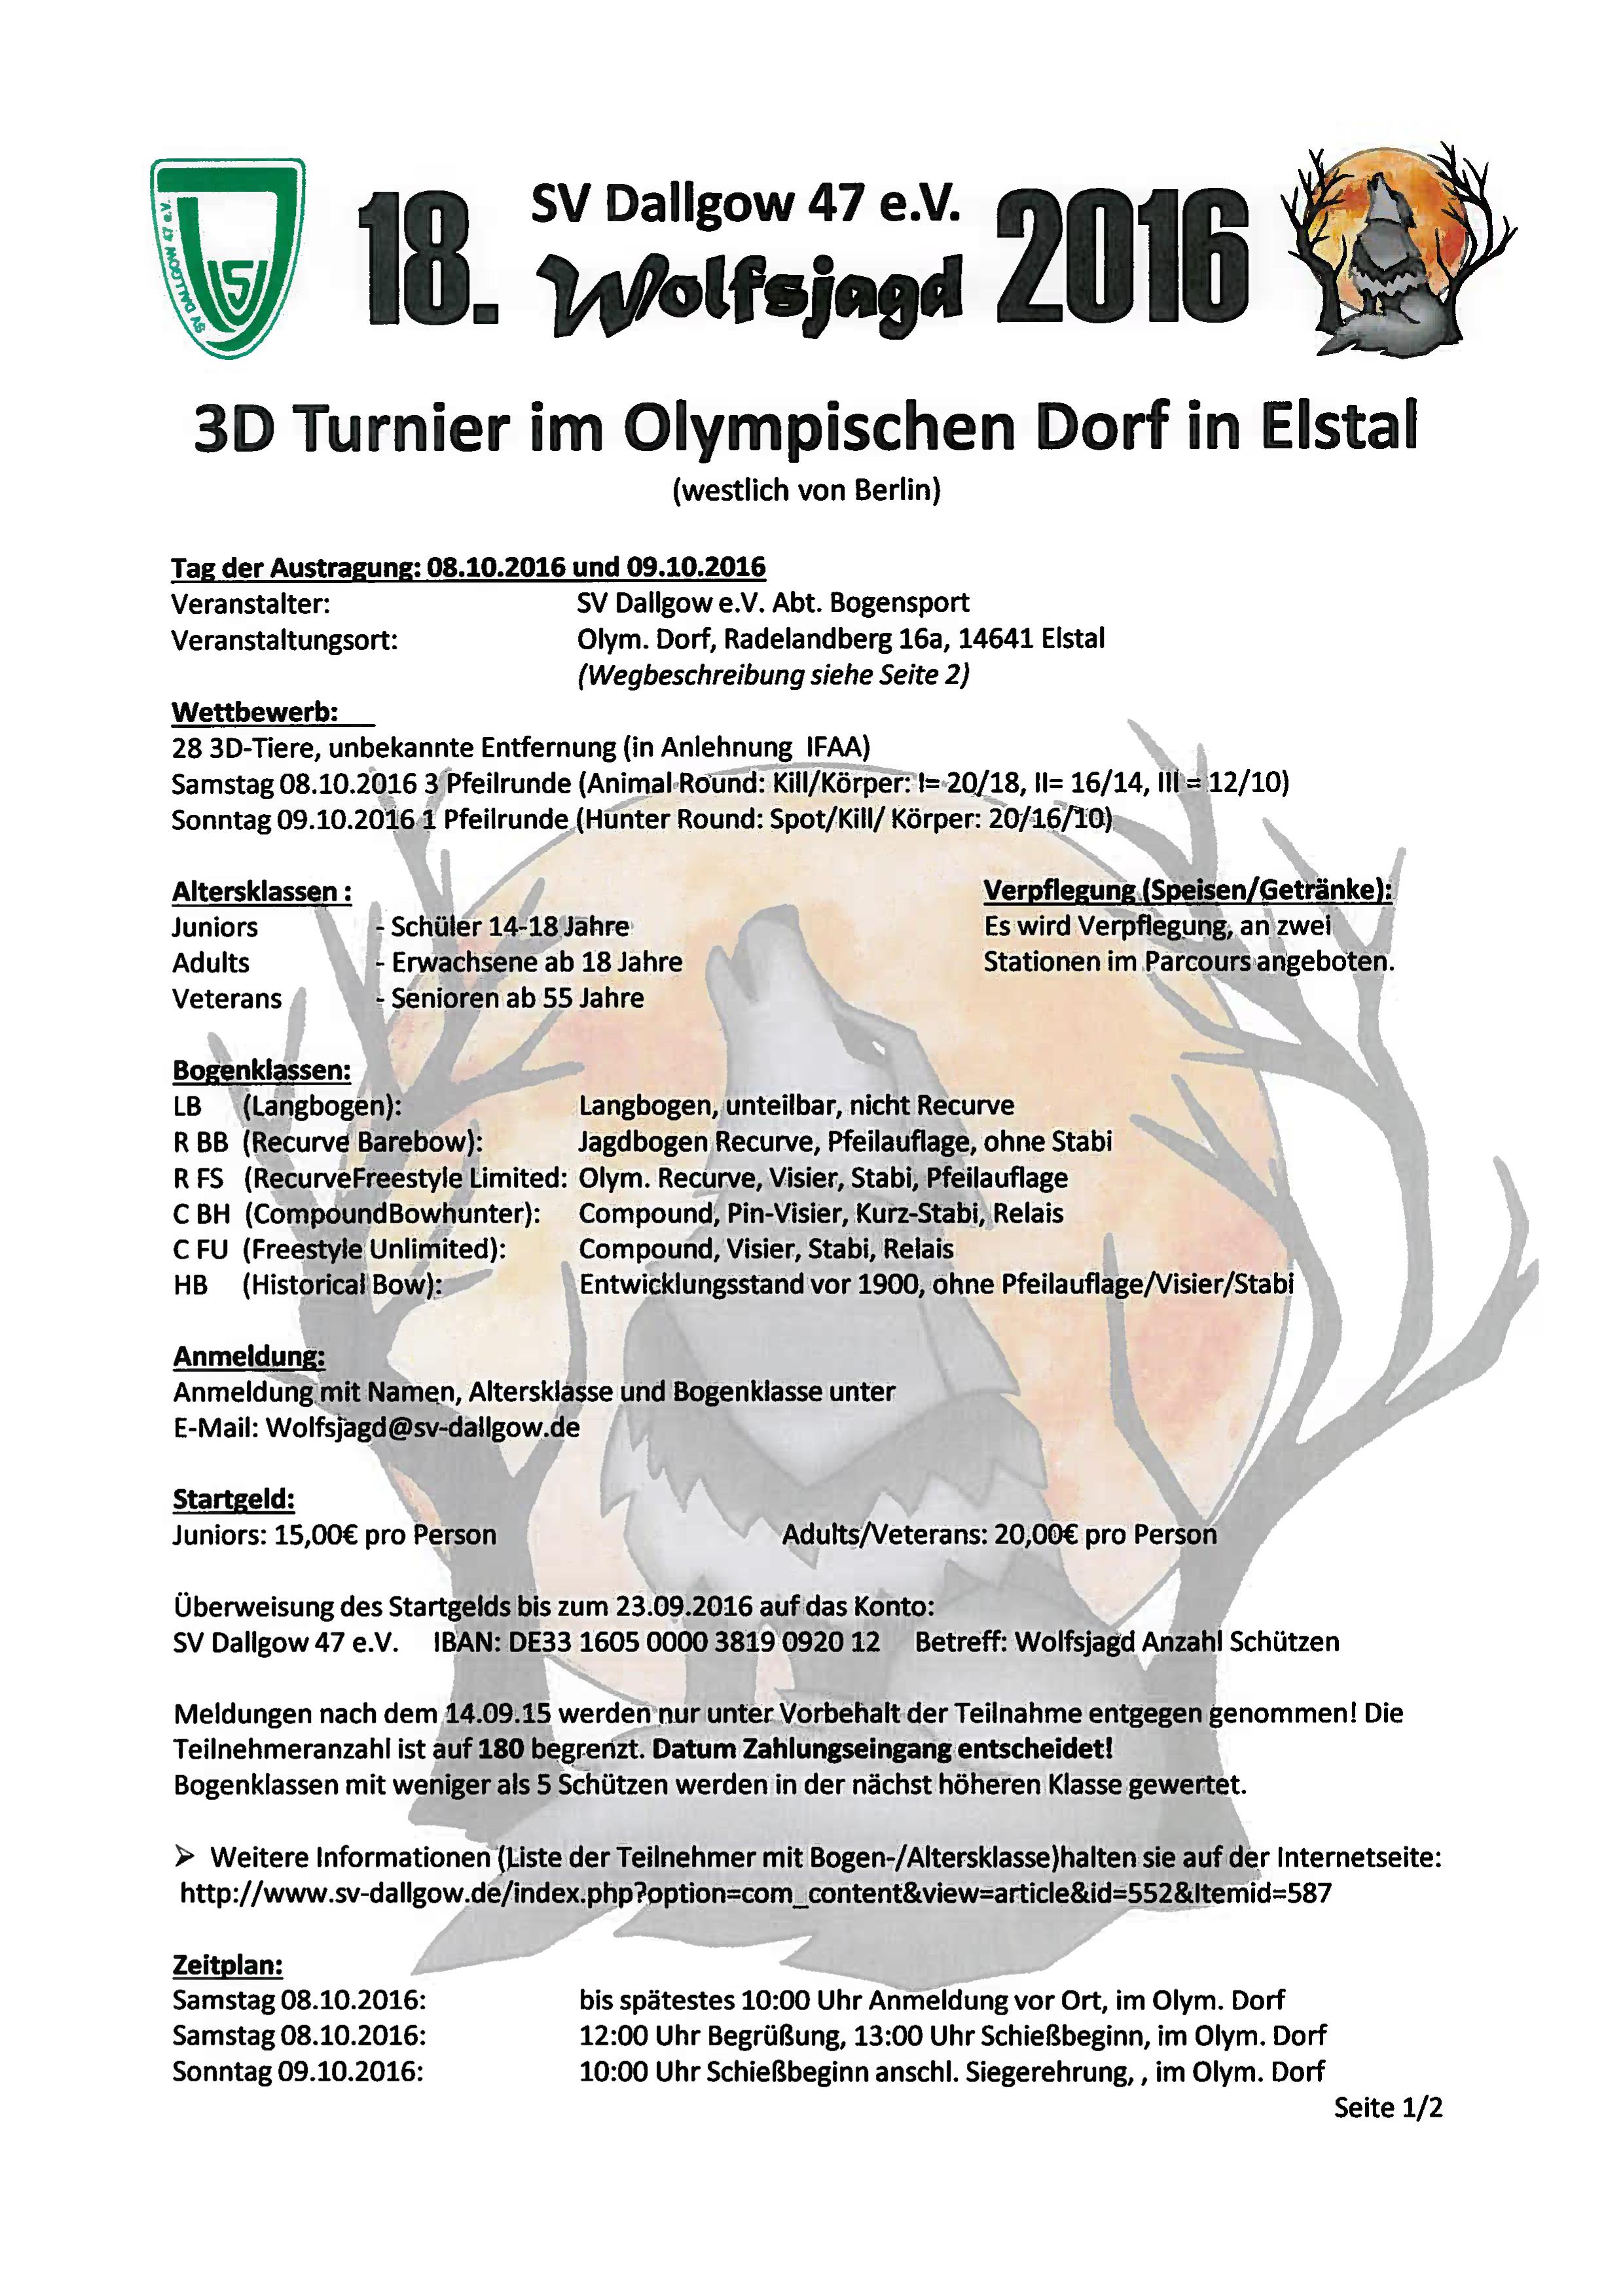 bogensportblog-de-Turnierausschreibung-Wolfsjagd-2016-SV-Dallgow2